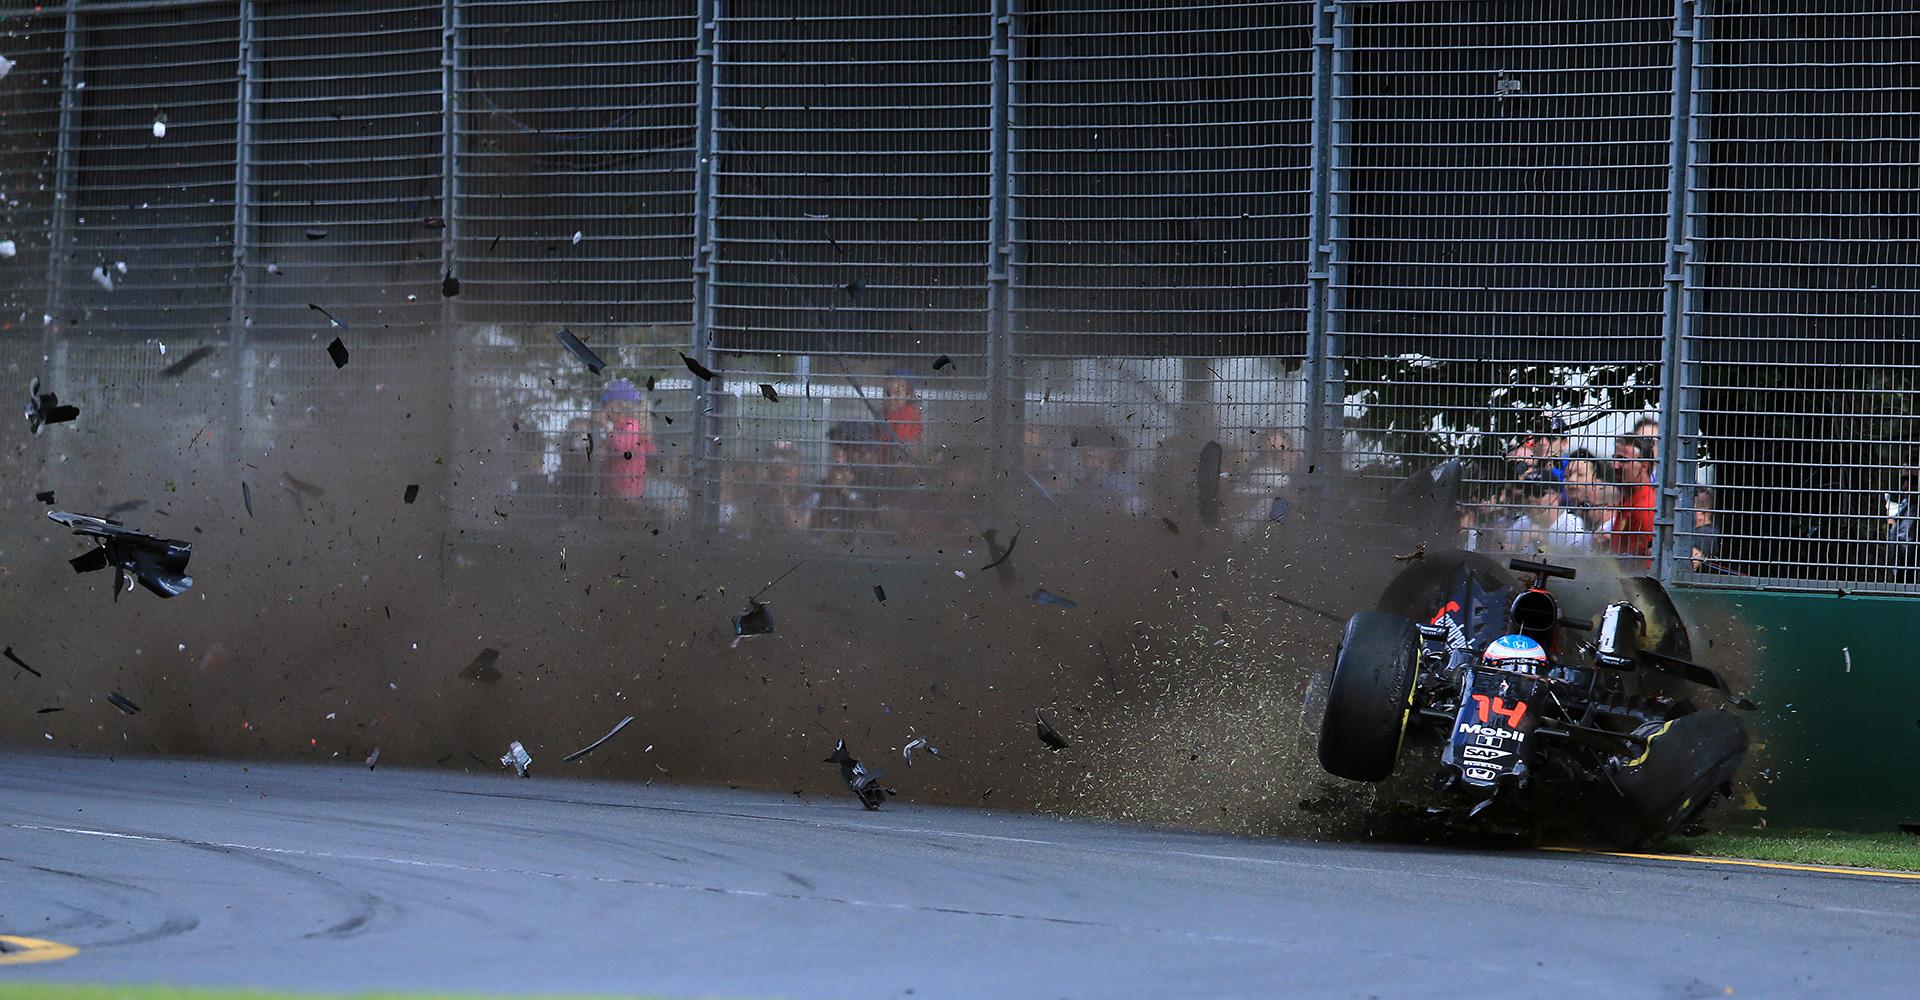 Что произошло на гонке Формулы-1 в Мельбурне. Фото 1